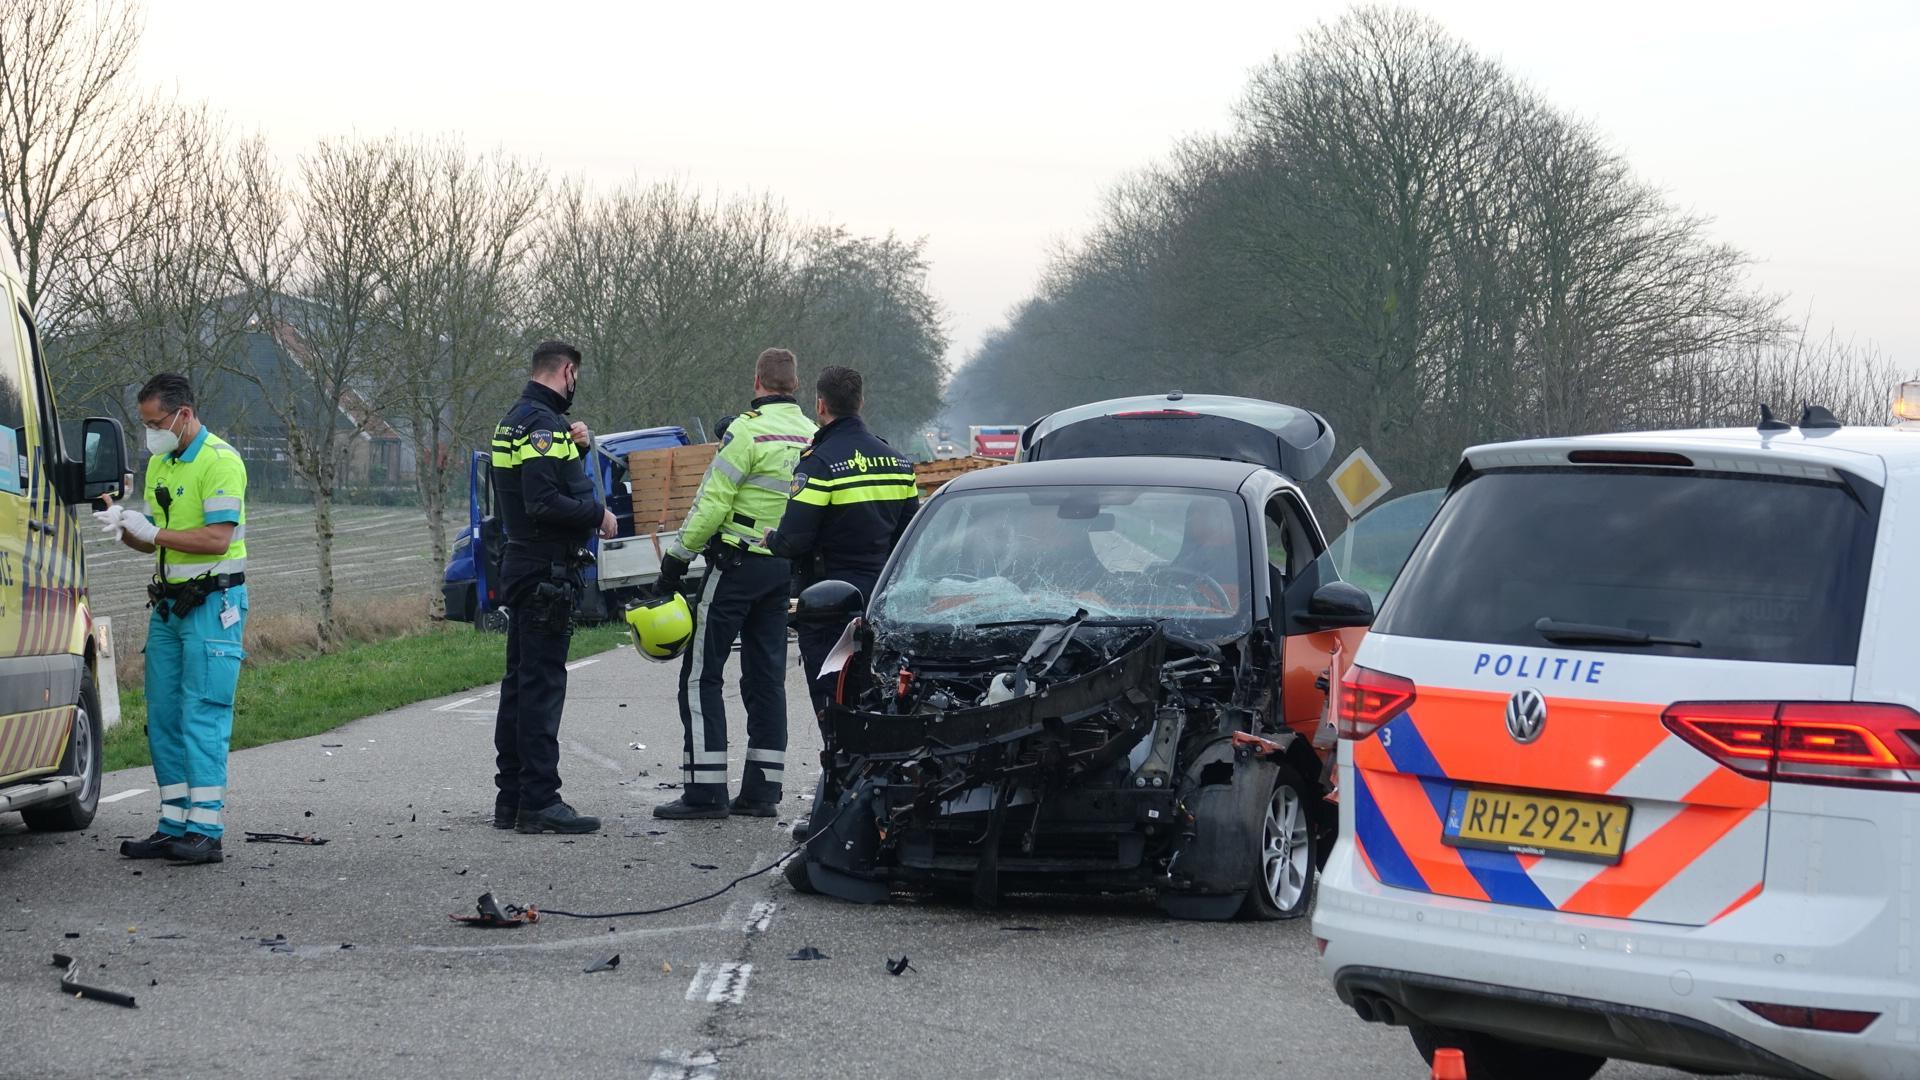 Twee gewonden door ernstig verkeersongeval Slootdorp